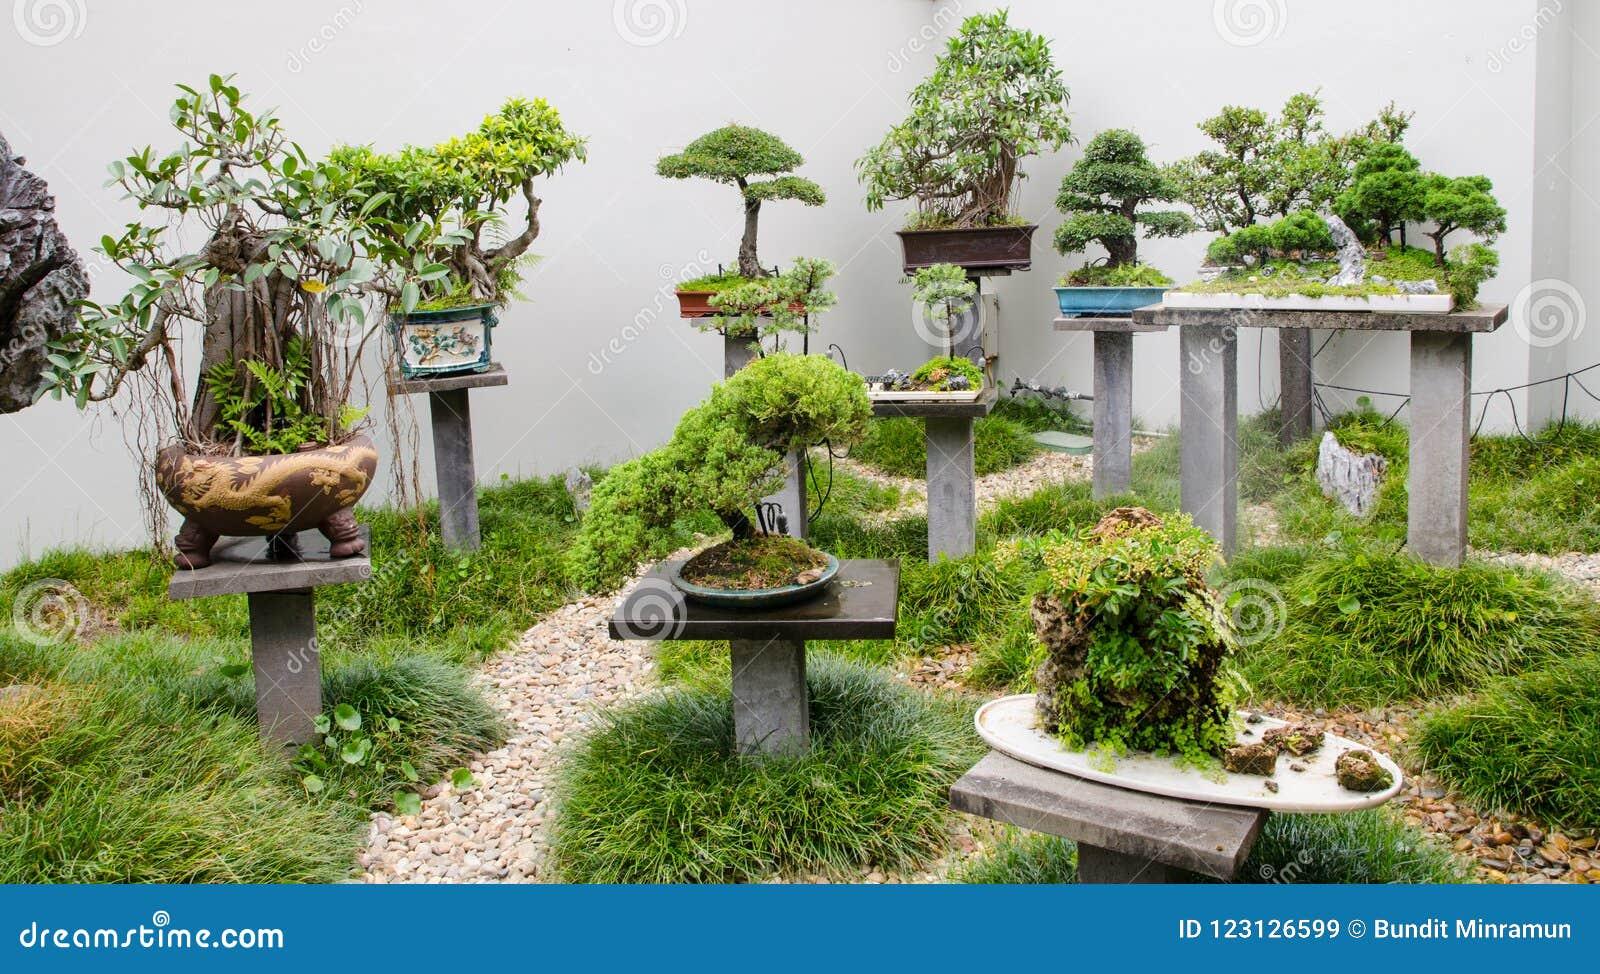 Bella raccolta degli alberi dei bonsai con i vasi in un giardino